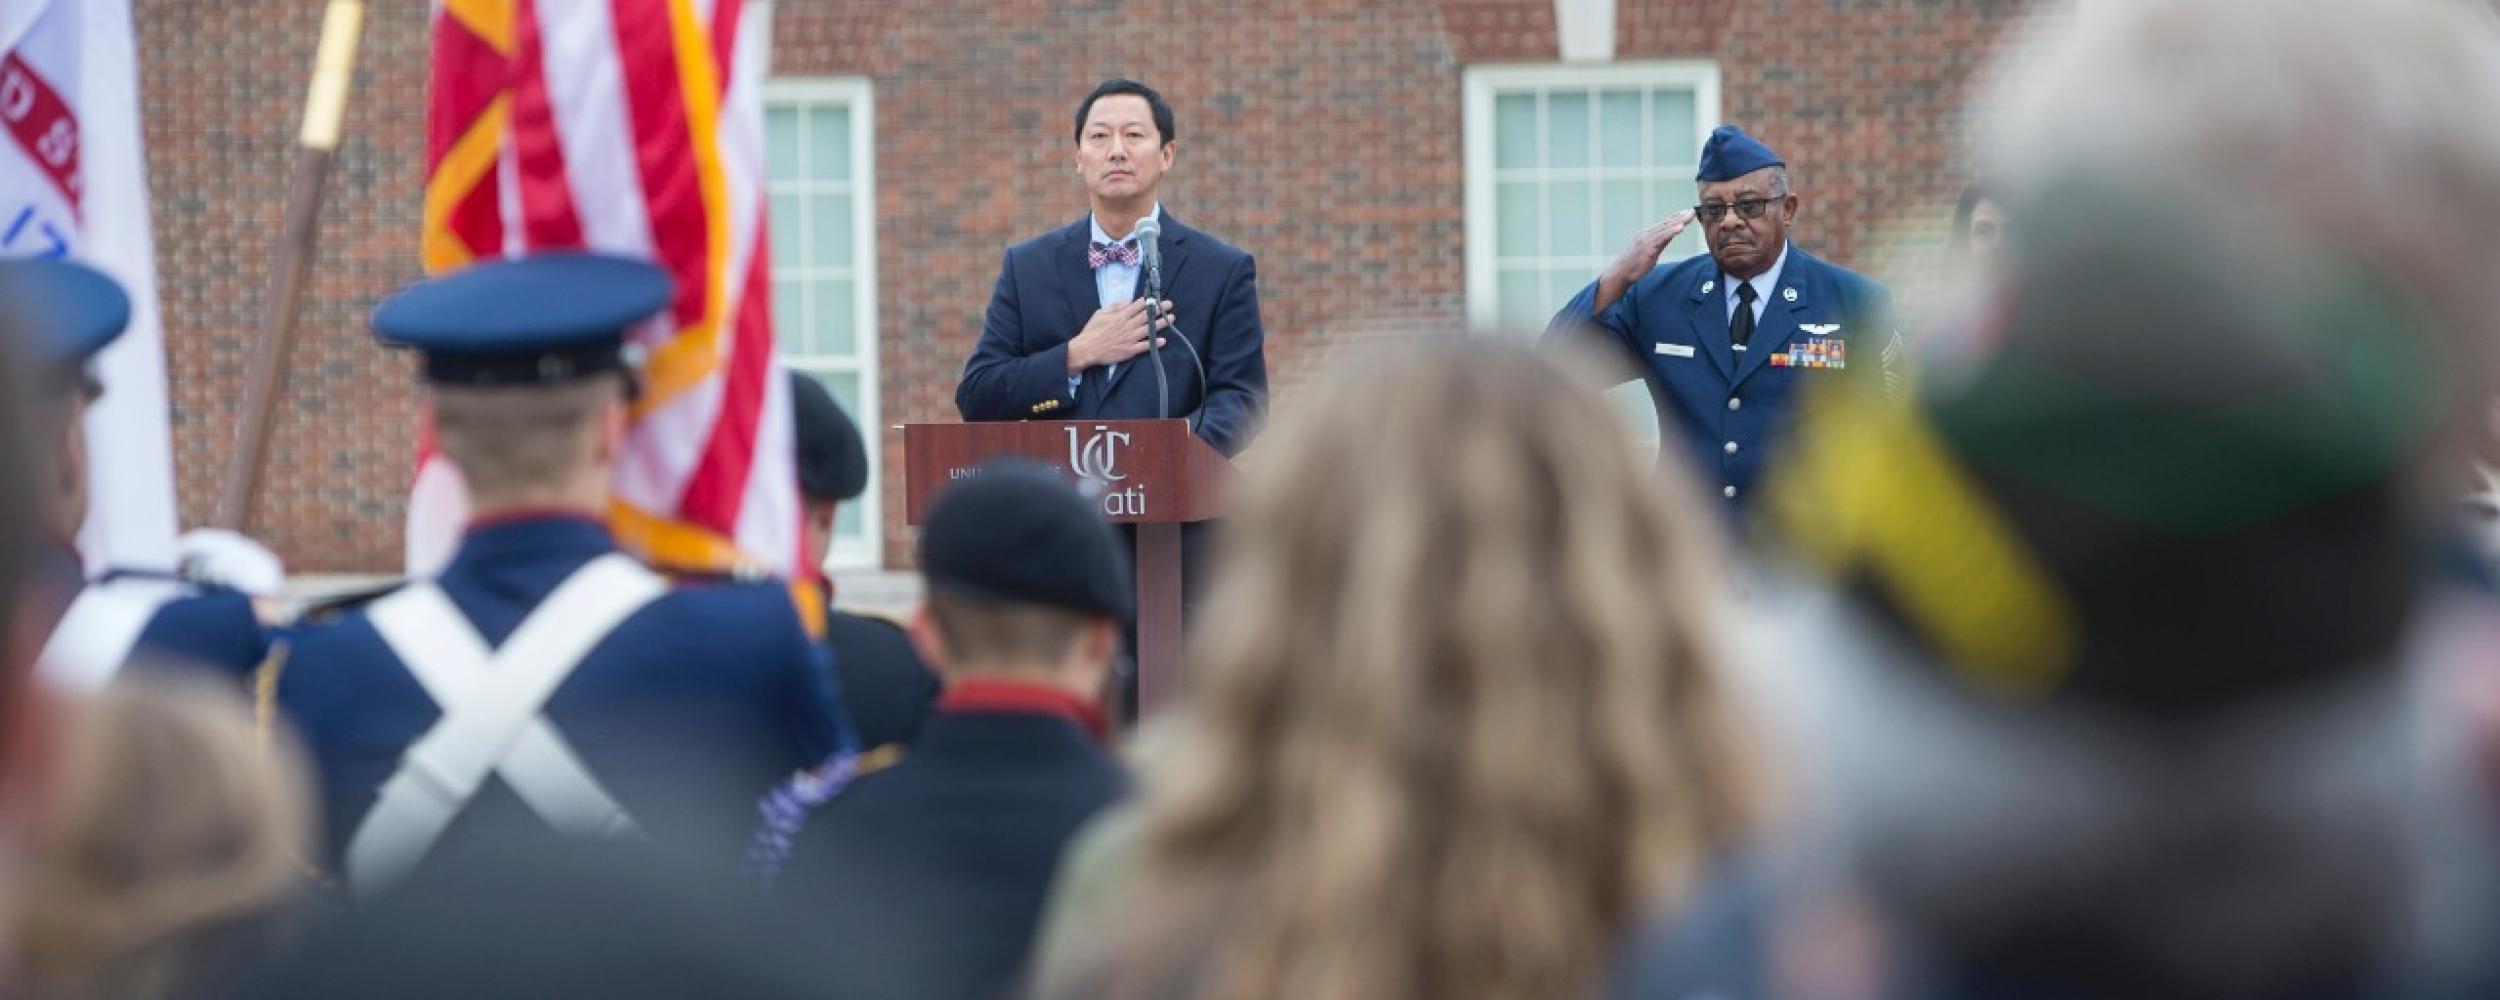 UC Veterans Day Ceremony